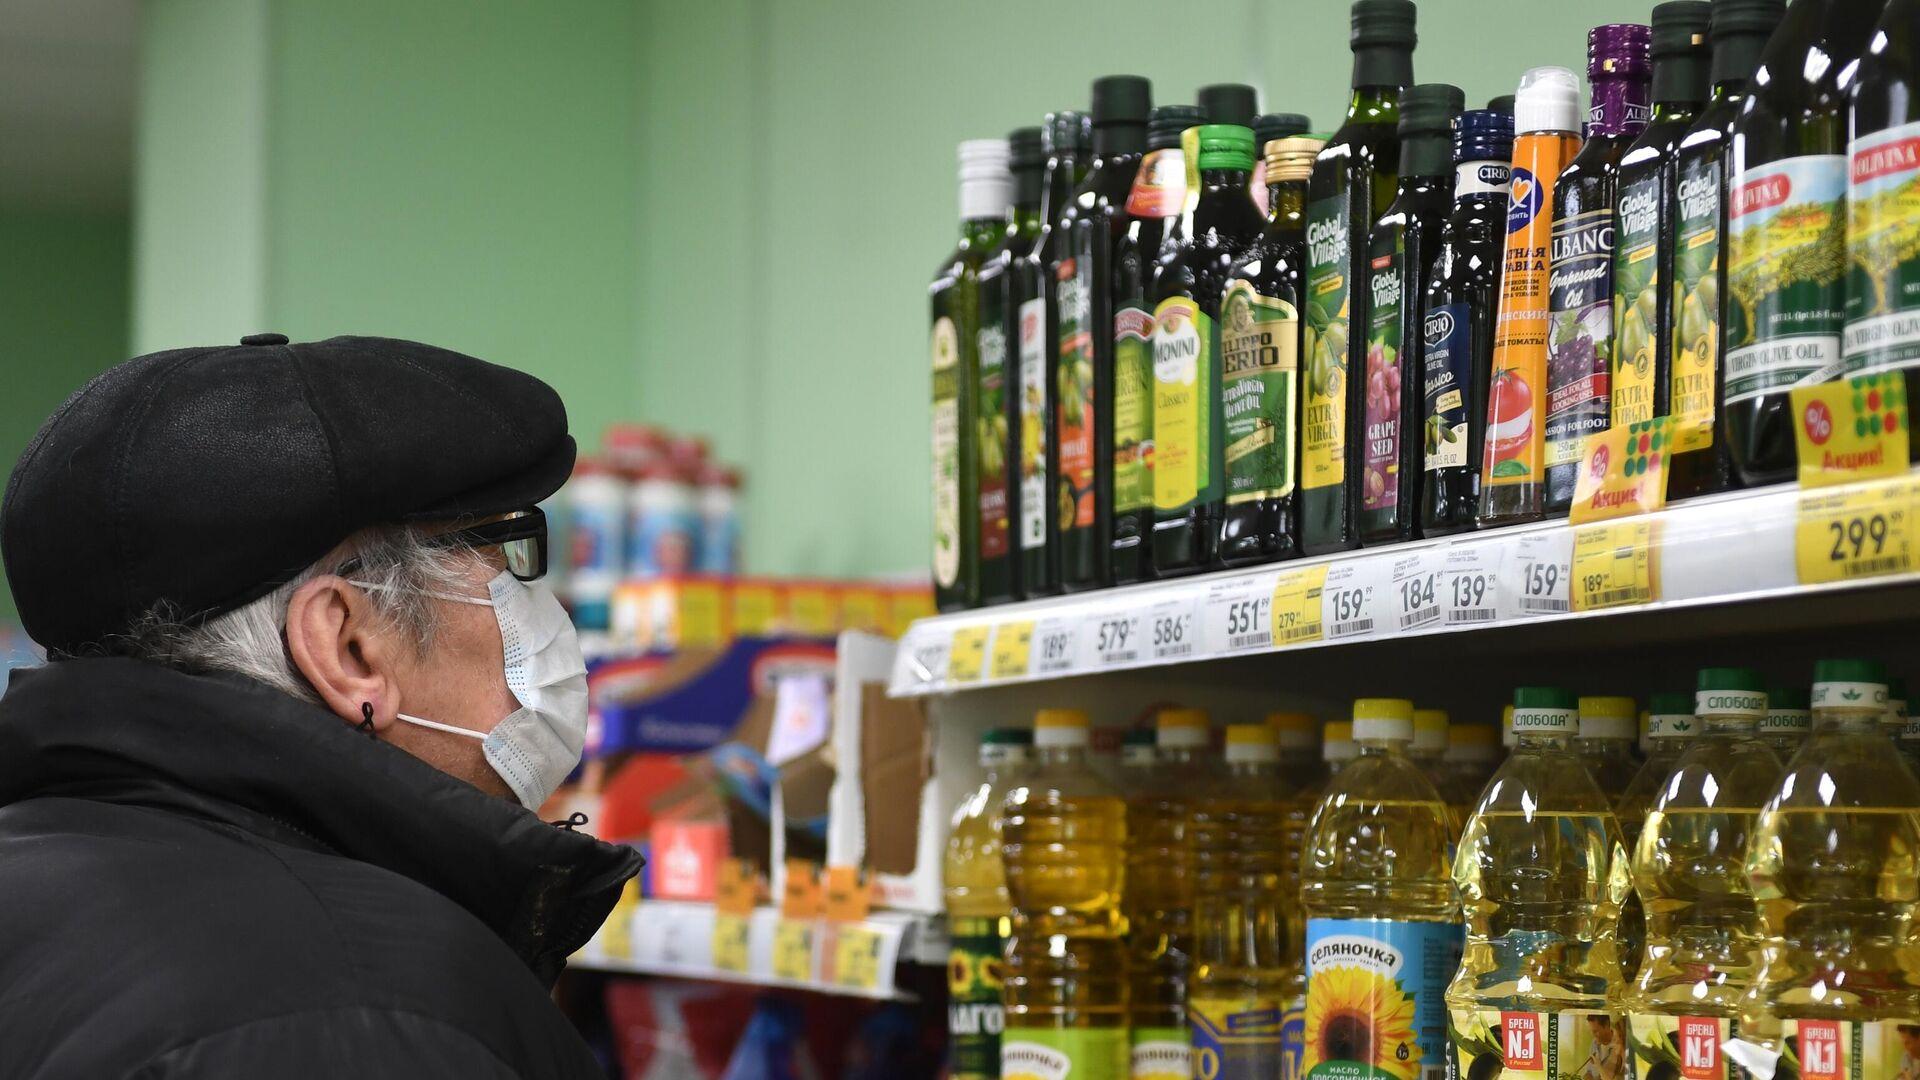 Бутылки с растительным маслом на полке магазина - РИА Новости, 1920, 01.03.2021